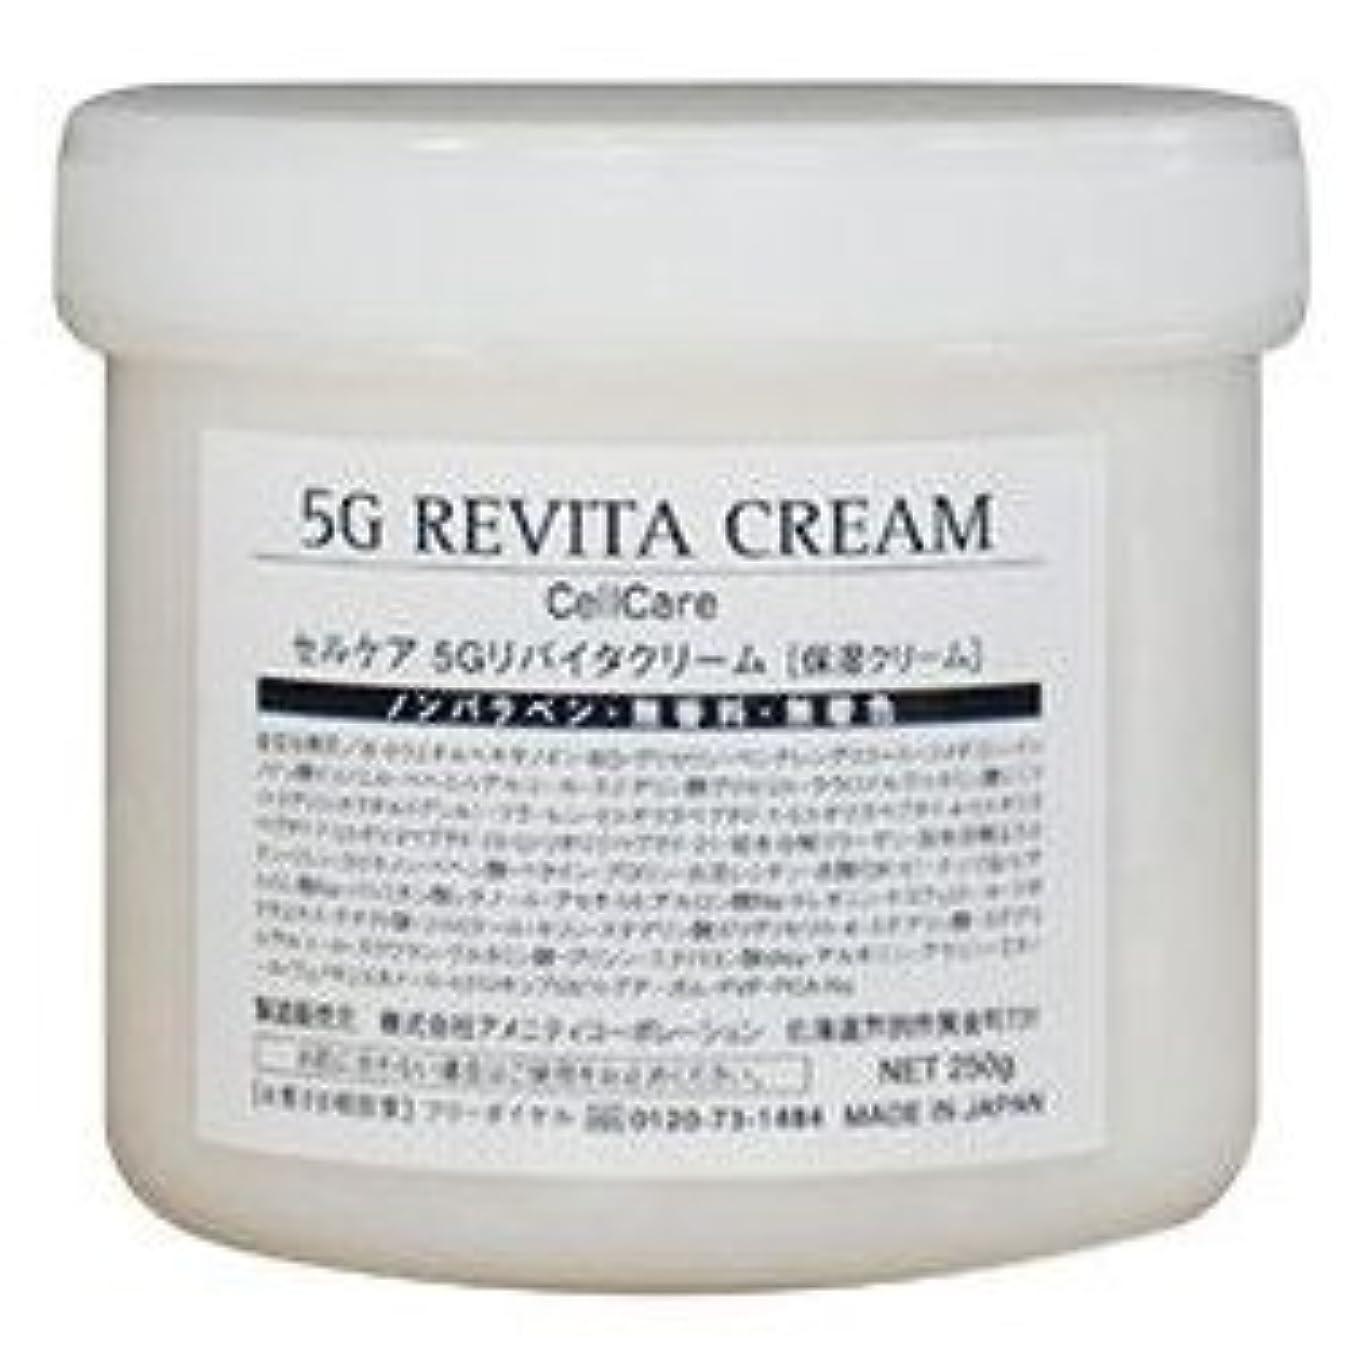 相互ボーカルつかの間セルケアGF プレミアム 5Gリバイタルクリーム 保湿クリーム お徳用250g